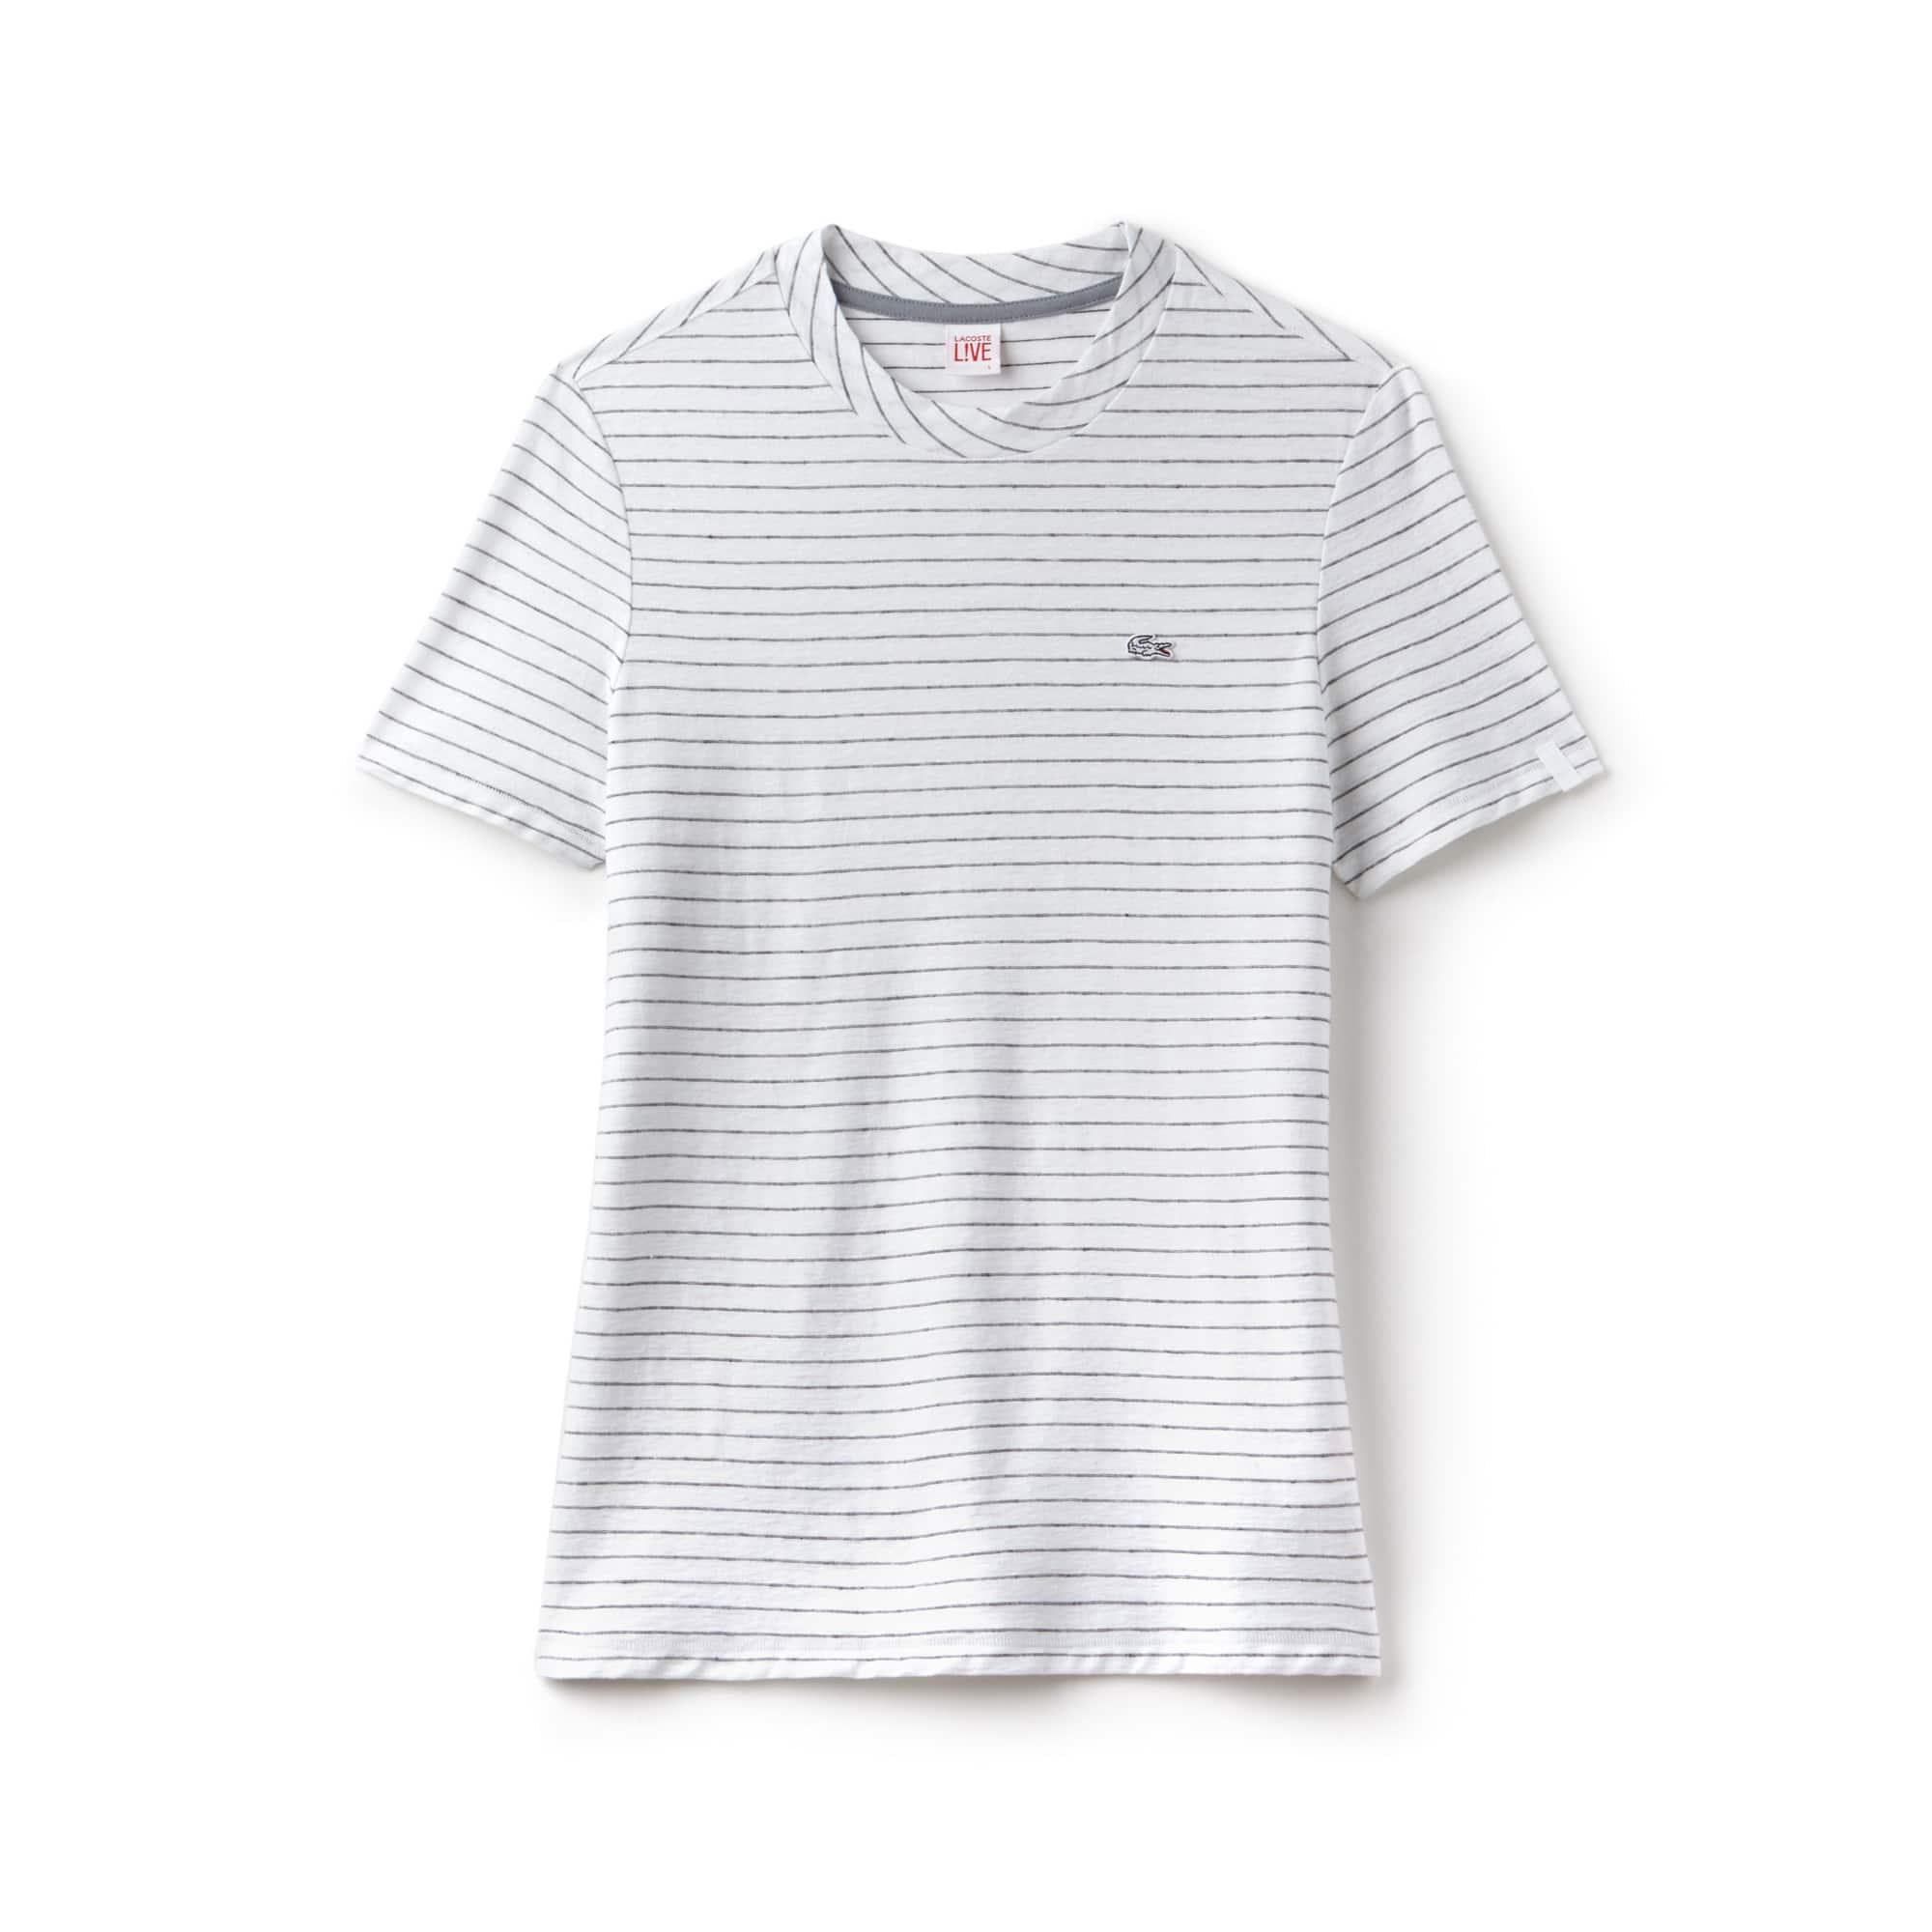 T-shirt a girocollo Lacoste LIVE in jersey di cotone e lino a righe